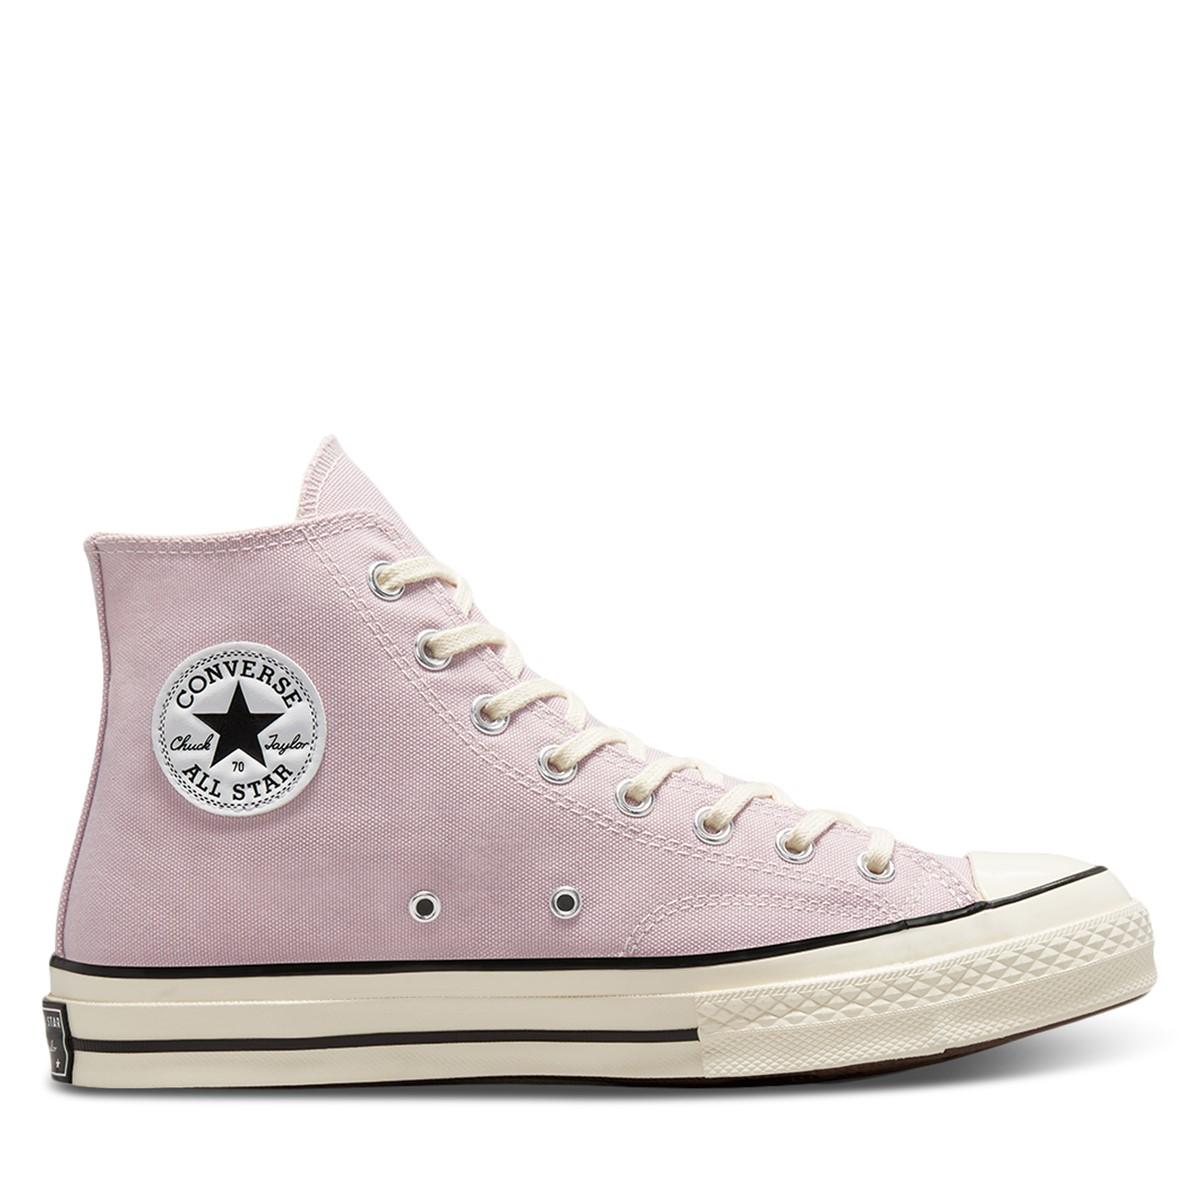 Chuck 70 Hi Sneakers in Light Purple